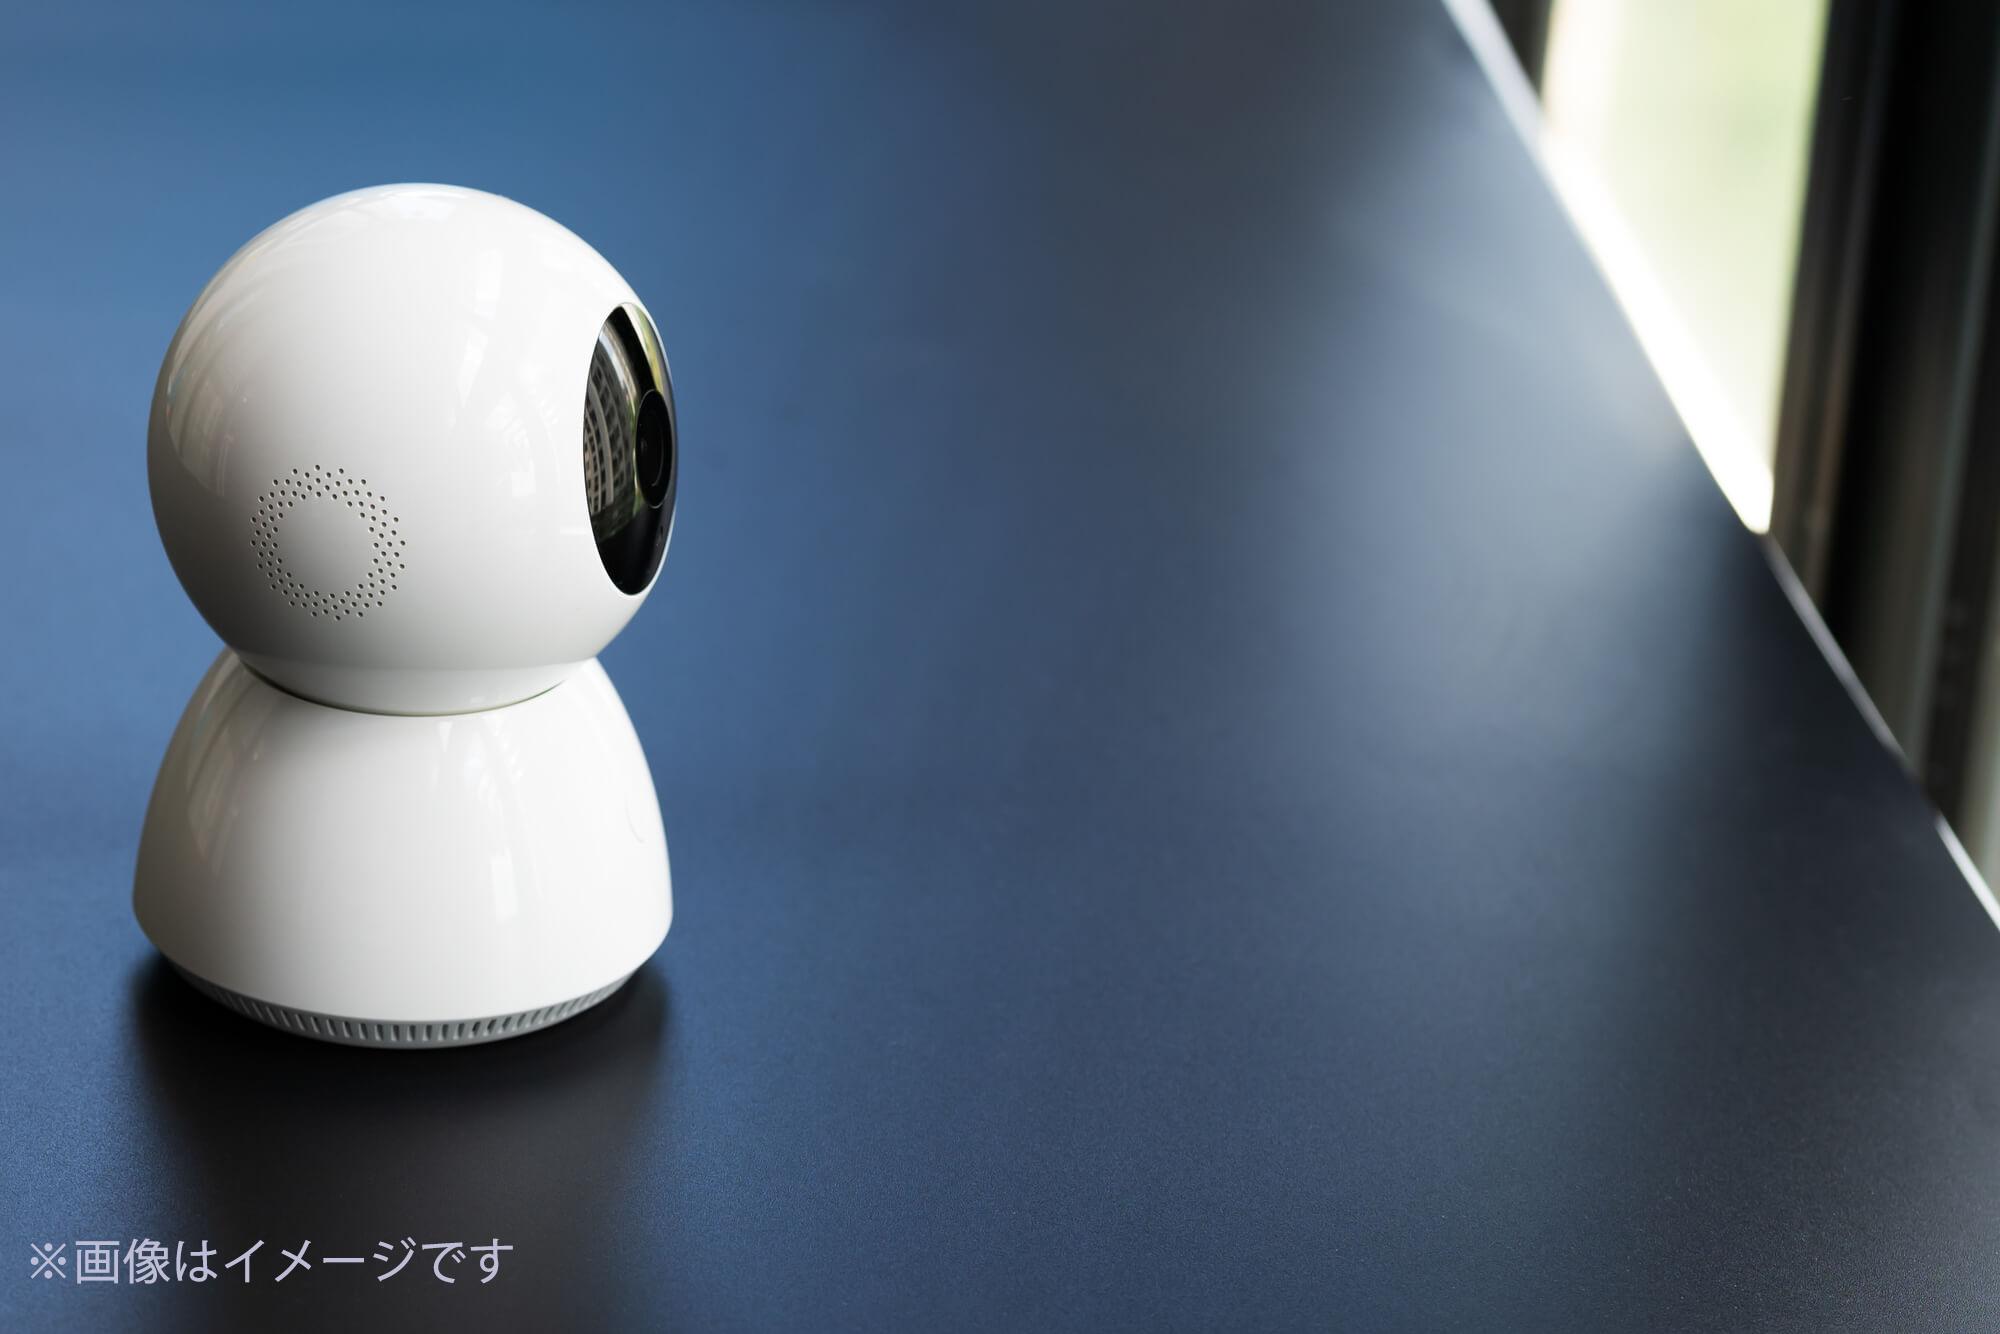 ペット用の見守りカメラ